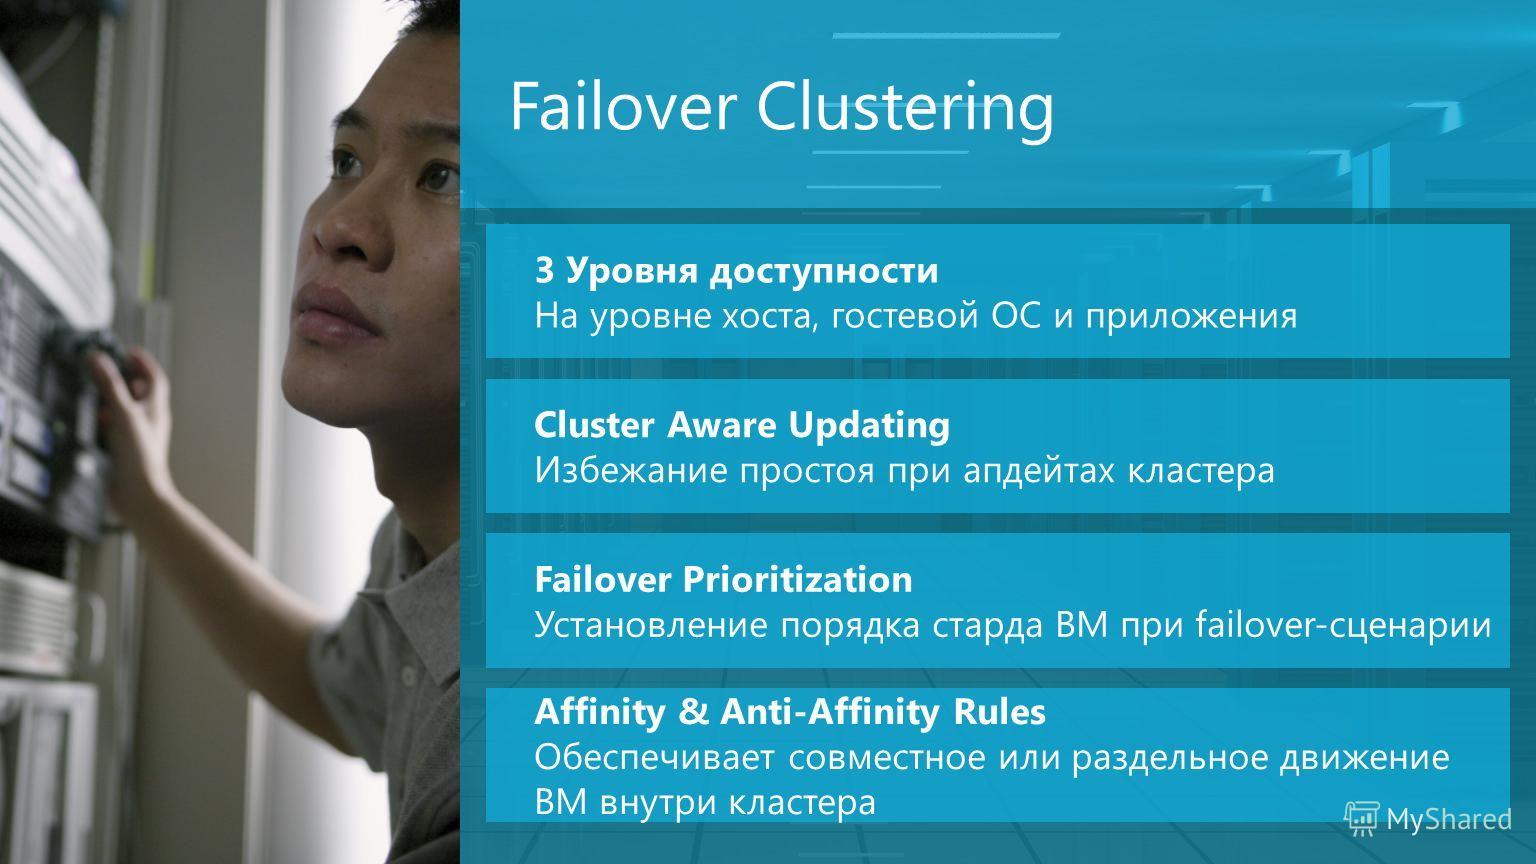 Failover Clustering 3 Уровня доступности На уровне хоста, гостевой ОС и приложения Cluster Aware Updating Избежание простоя при апдейтах кластера Failover Prioritization Установление порядка старда ВМ при failover-сценарии Affinity & Anti-Affinity Ru